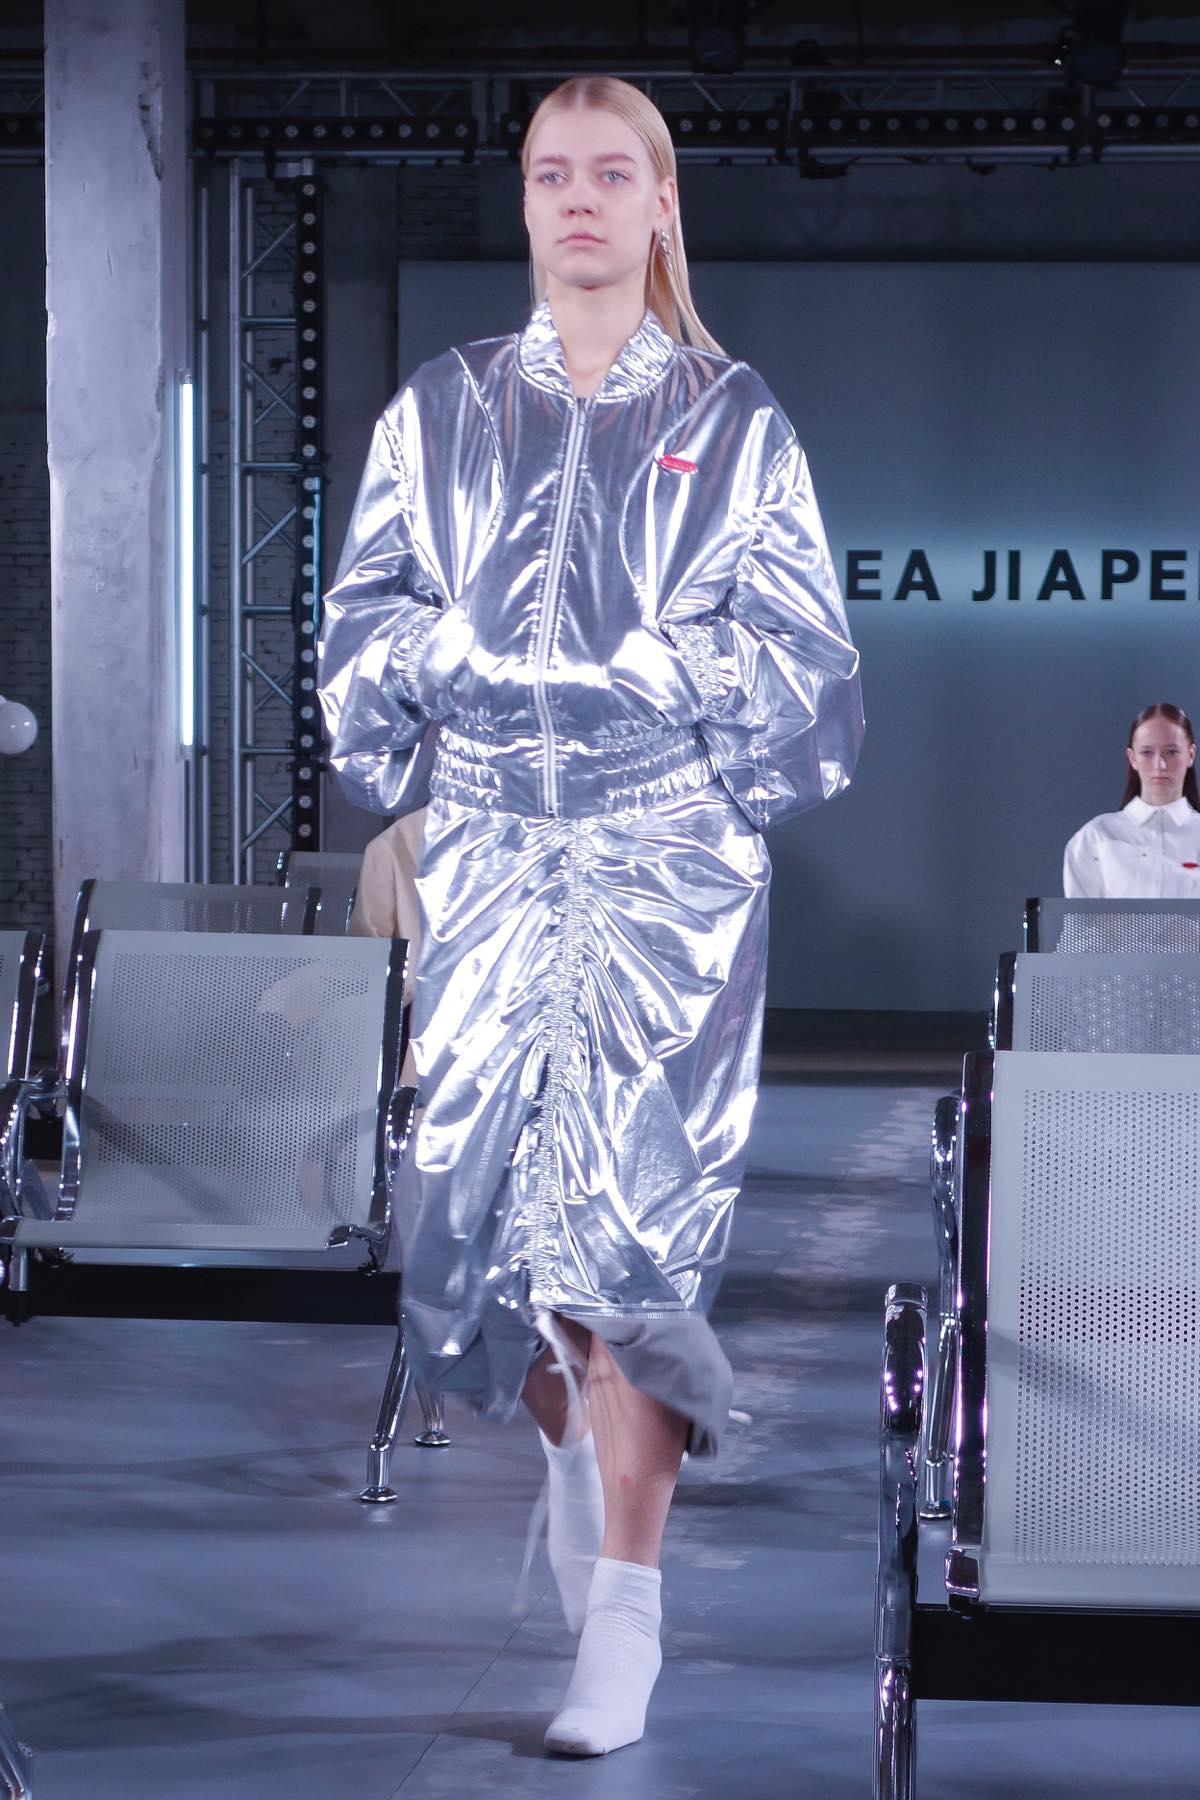 中国で注目の若手デザイナー 「ANDREA JIAPEI LI(アンドレア・ジャーペイ・リー)」の2017年秋冬コレクション